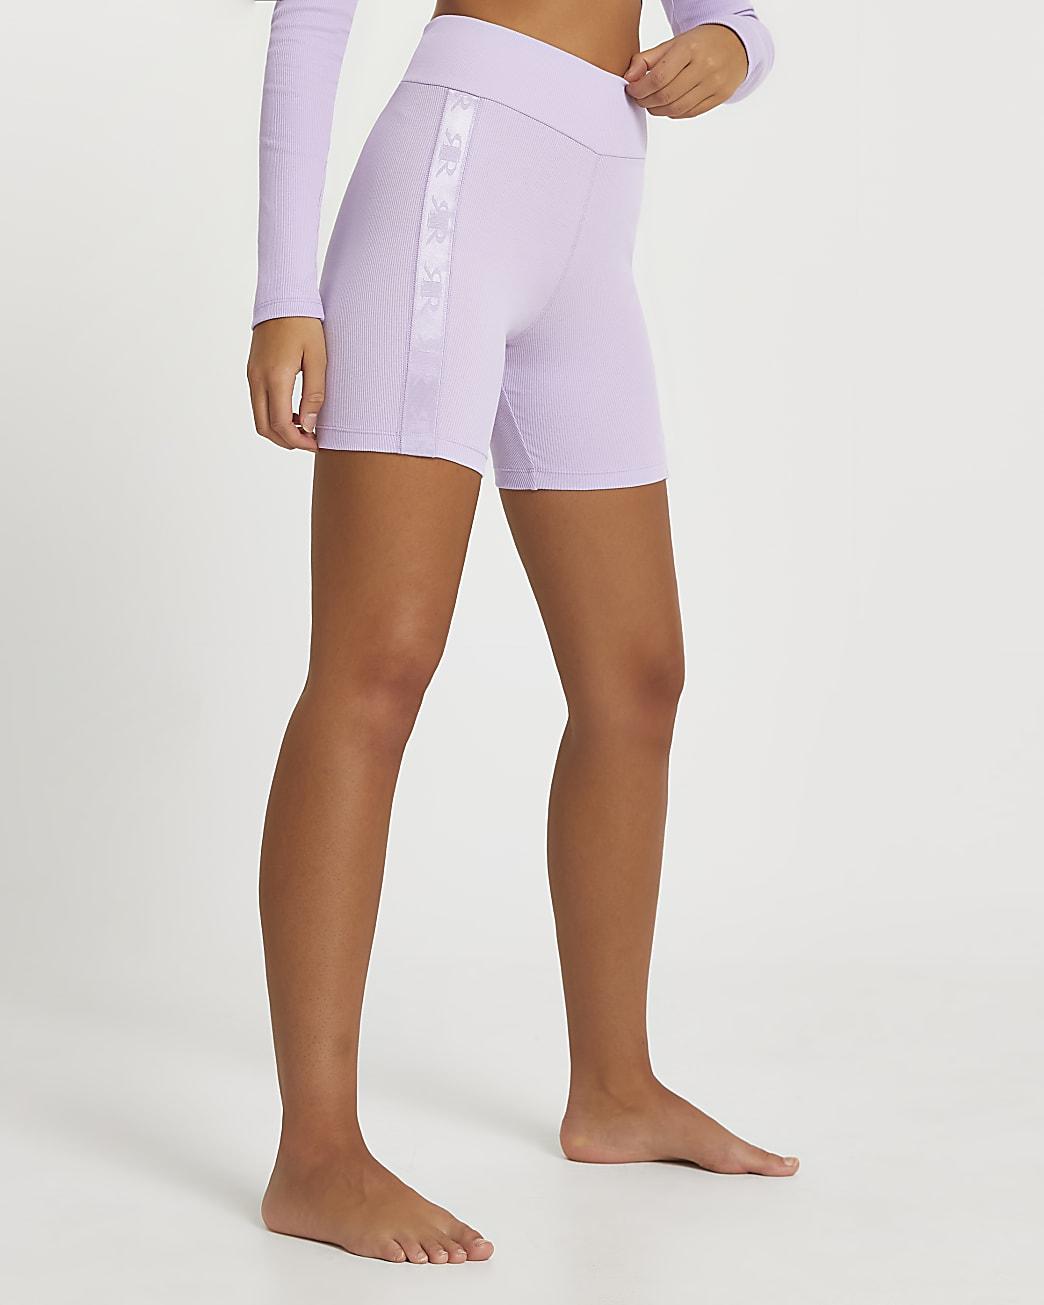 Intimates purple ribbed cycling shorts